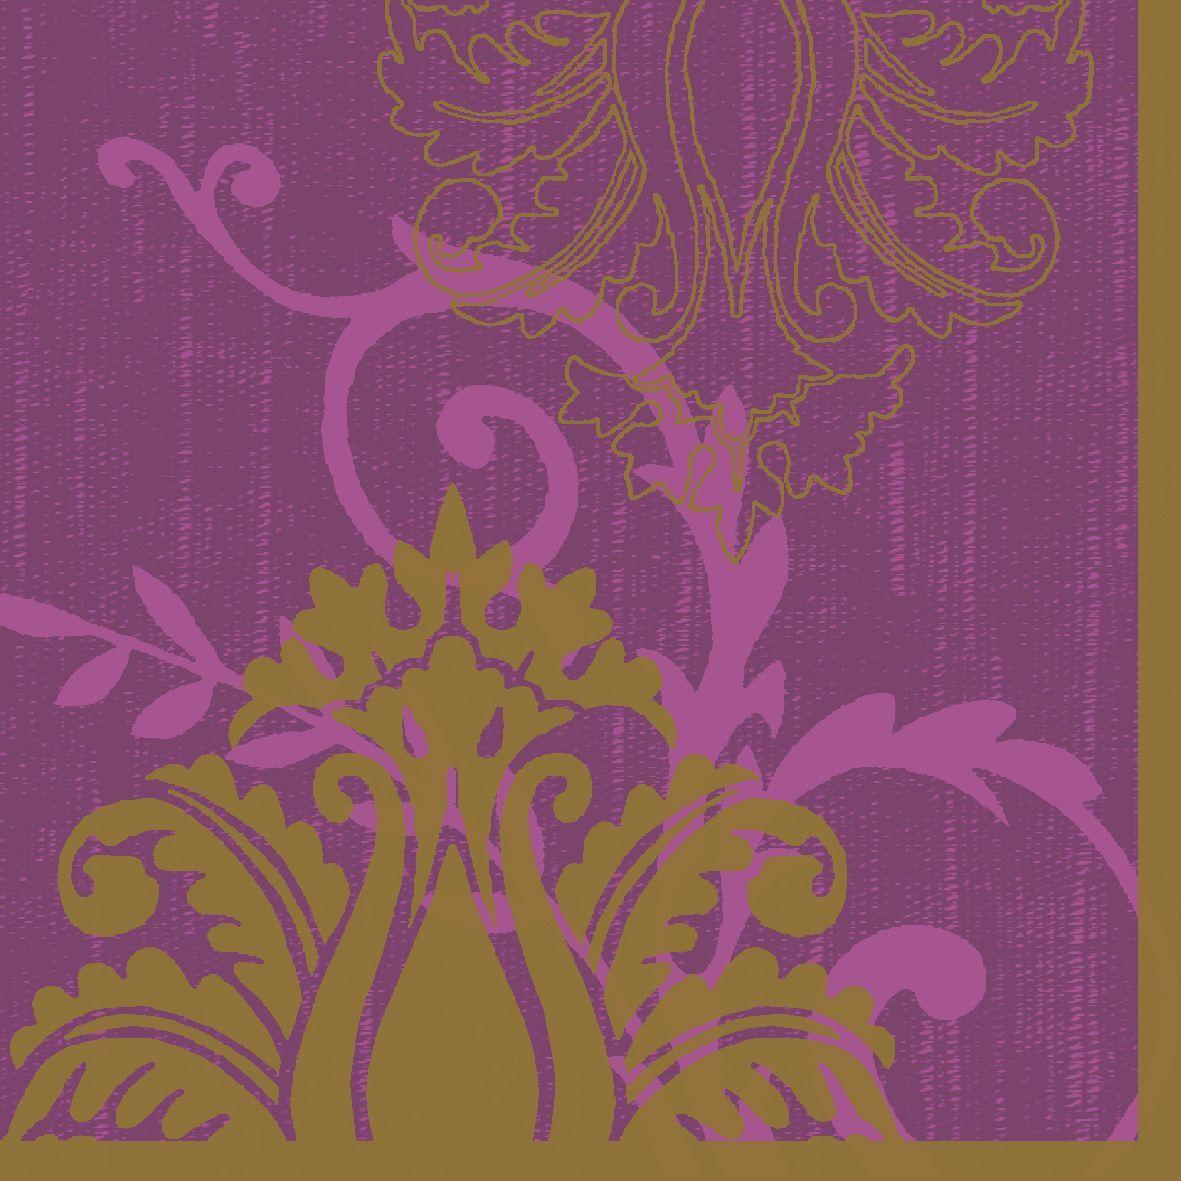 Салфетки бумажные Duni, 3-слойные, цвет: фиолетовый, 33 х 33 см790009Трехслойные бумажные салфетки изготовлены из экологически чистого, высококачественного сырья - 100% целлюлозы. Салфетки выполнены в оригинальном и современном стиле, прекрасно сочетаются с любым интерьером и всегда будут прекрасным и незаменимым украшением стола.